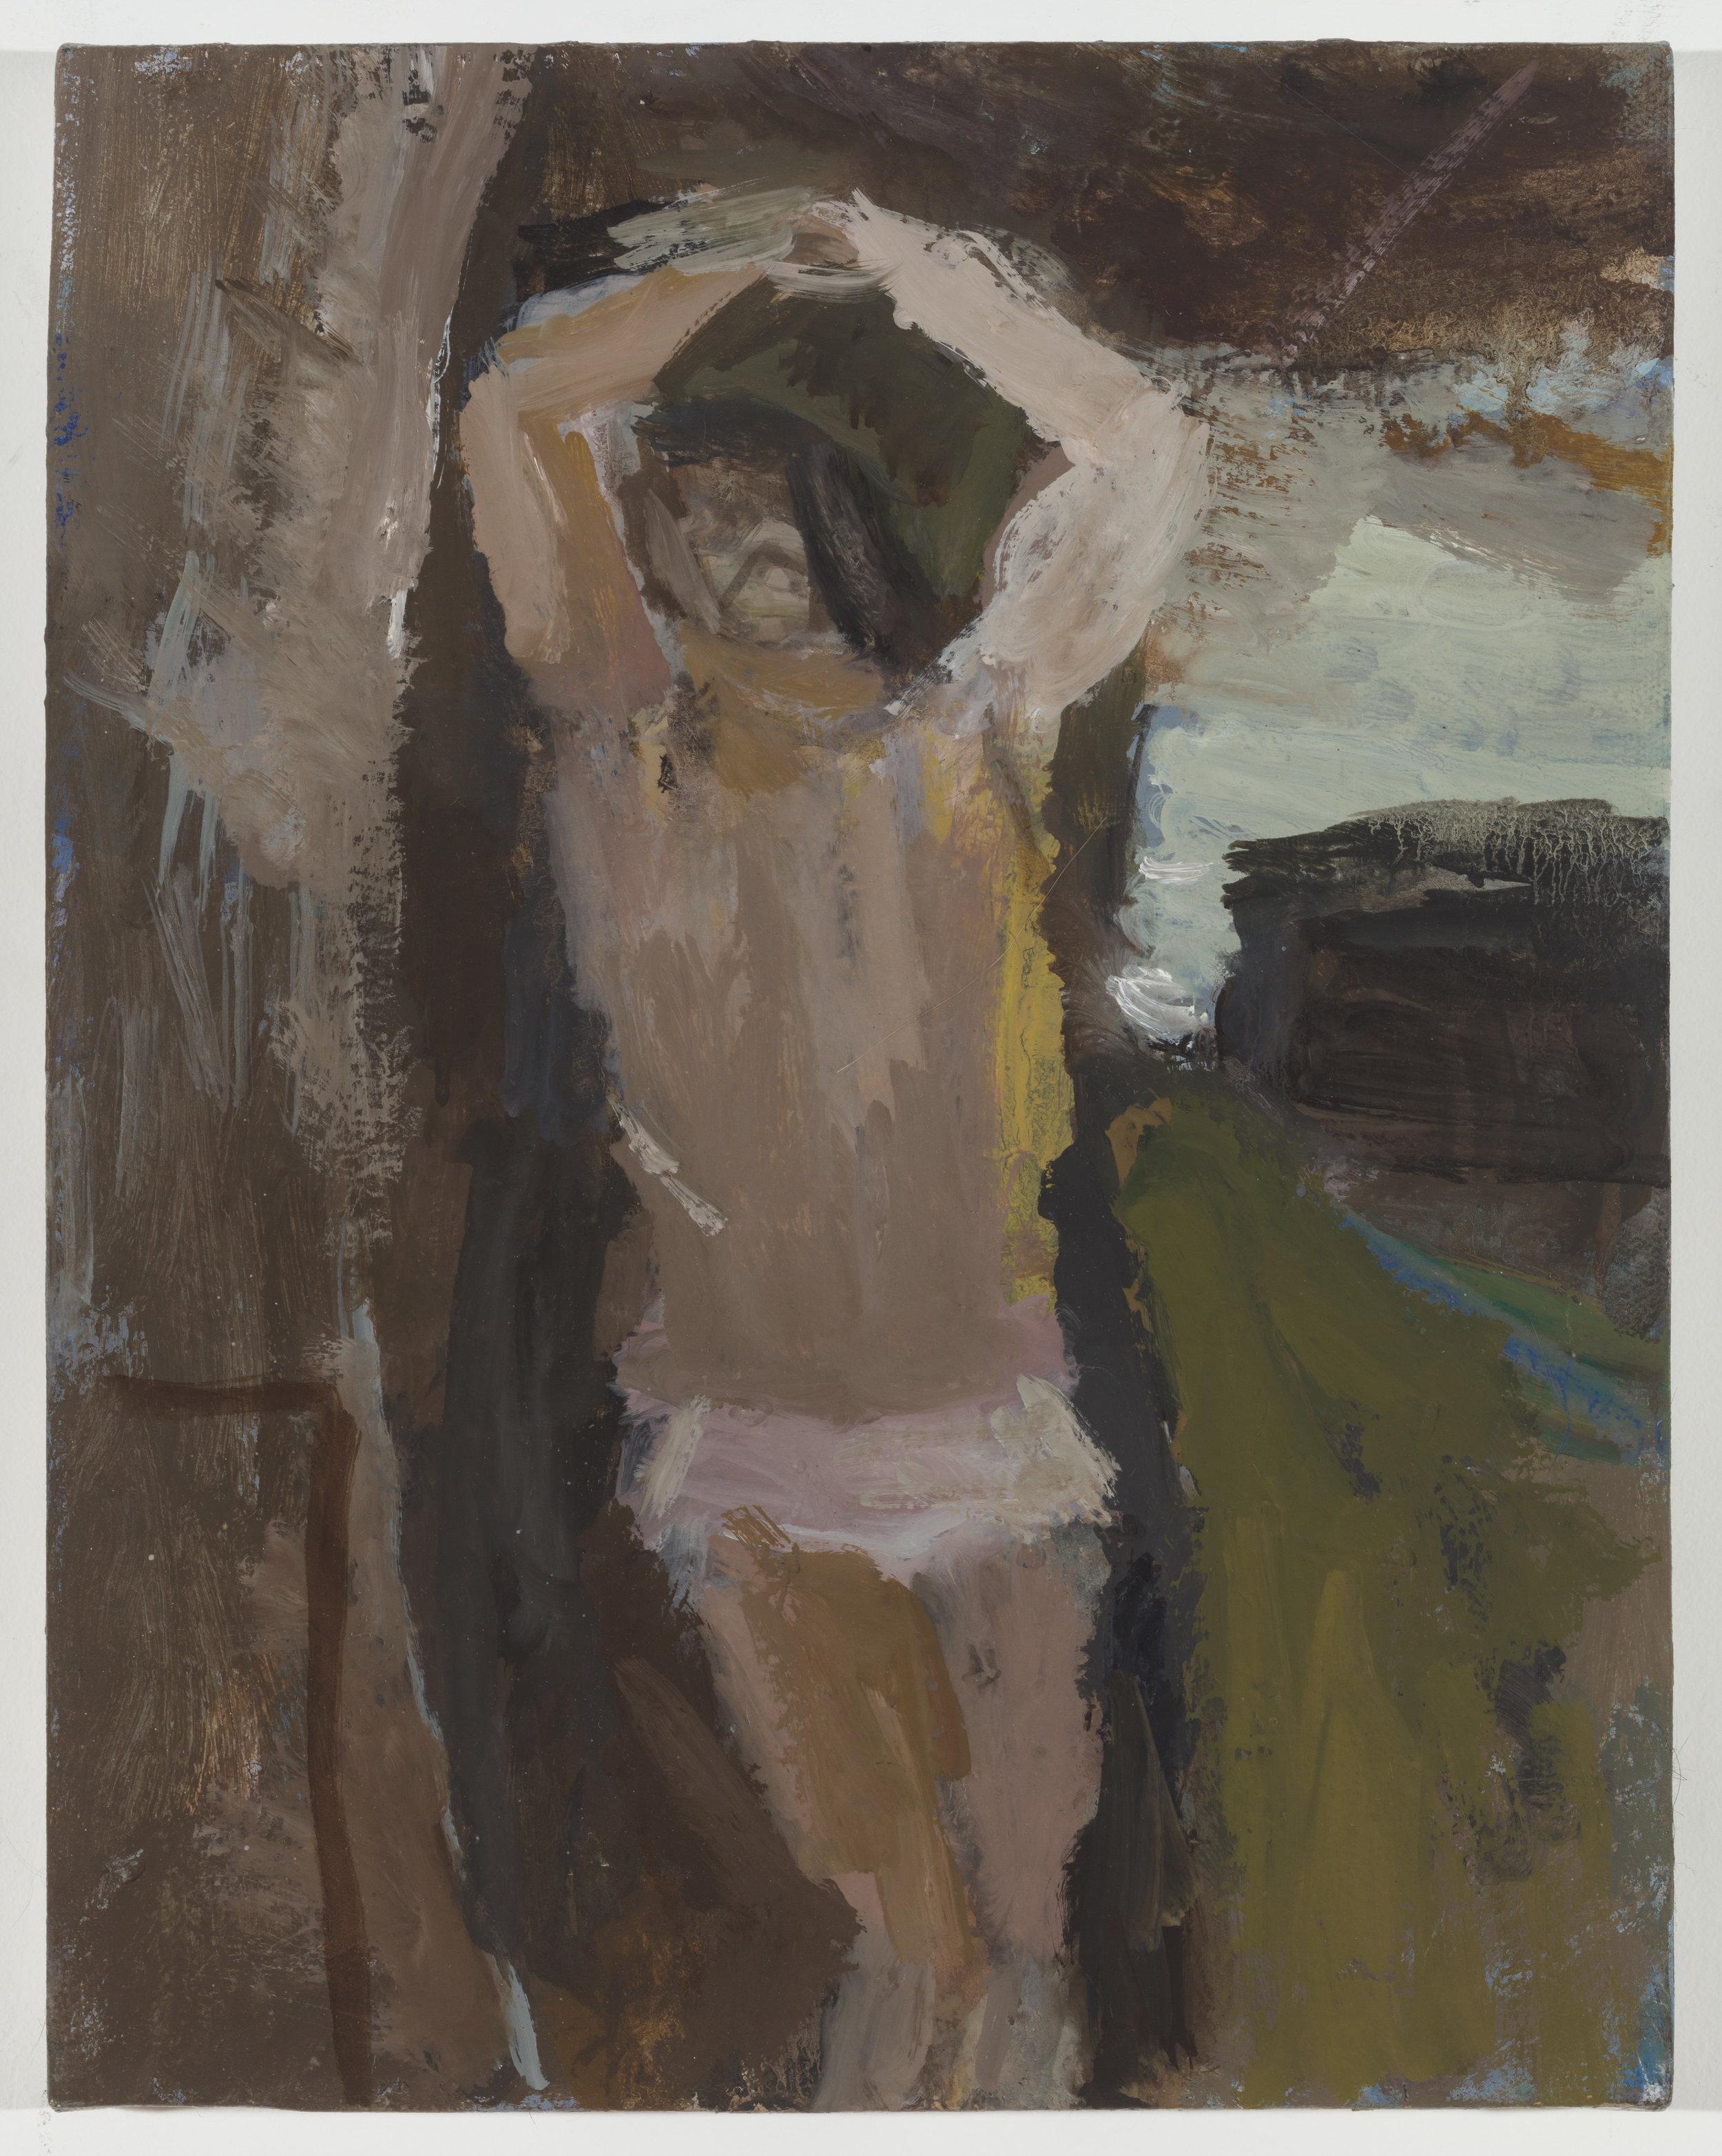 St Sebastian, after Corot